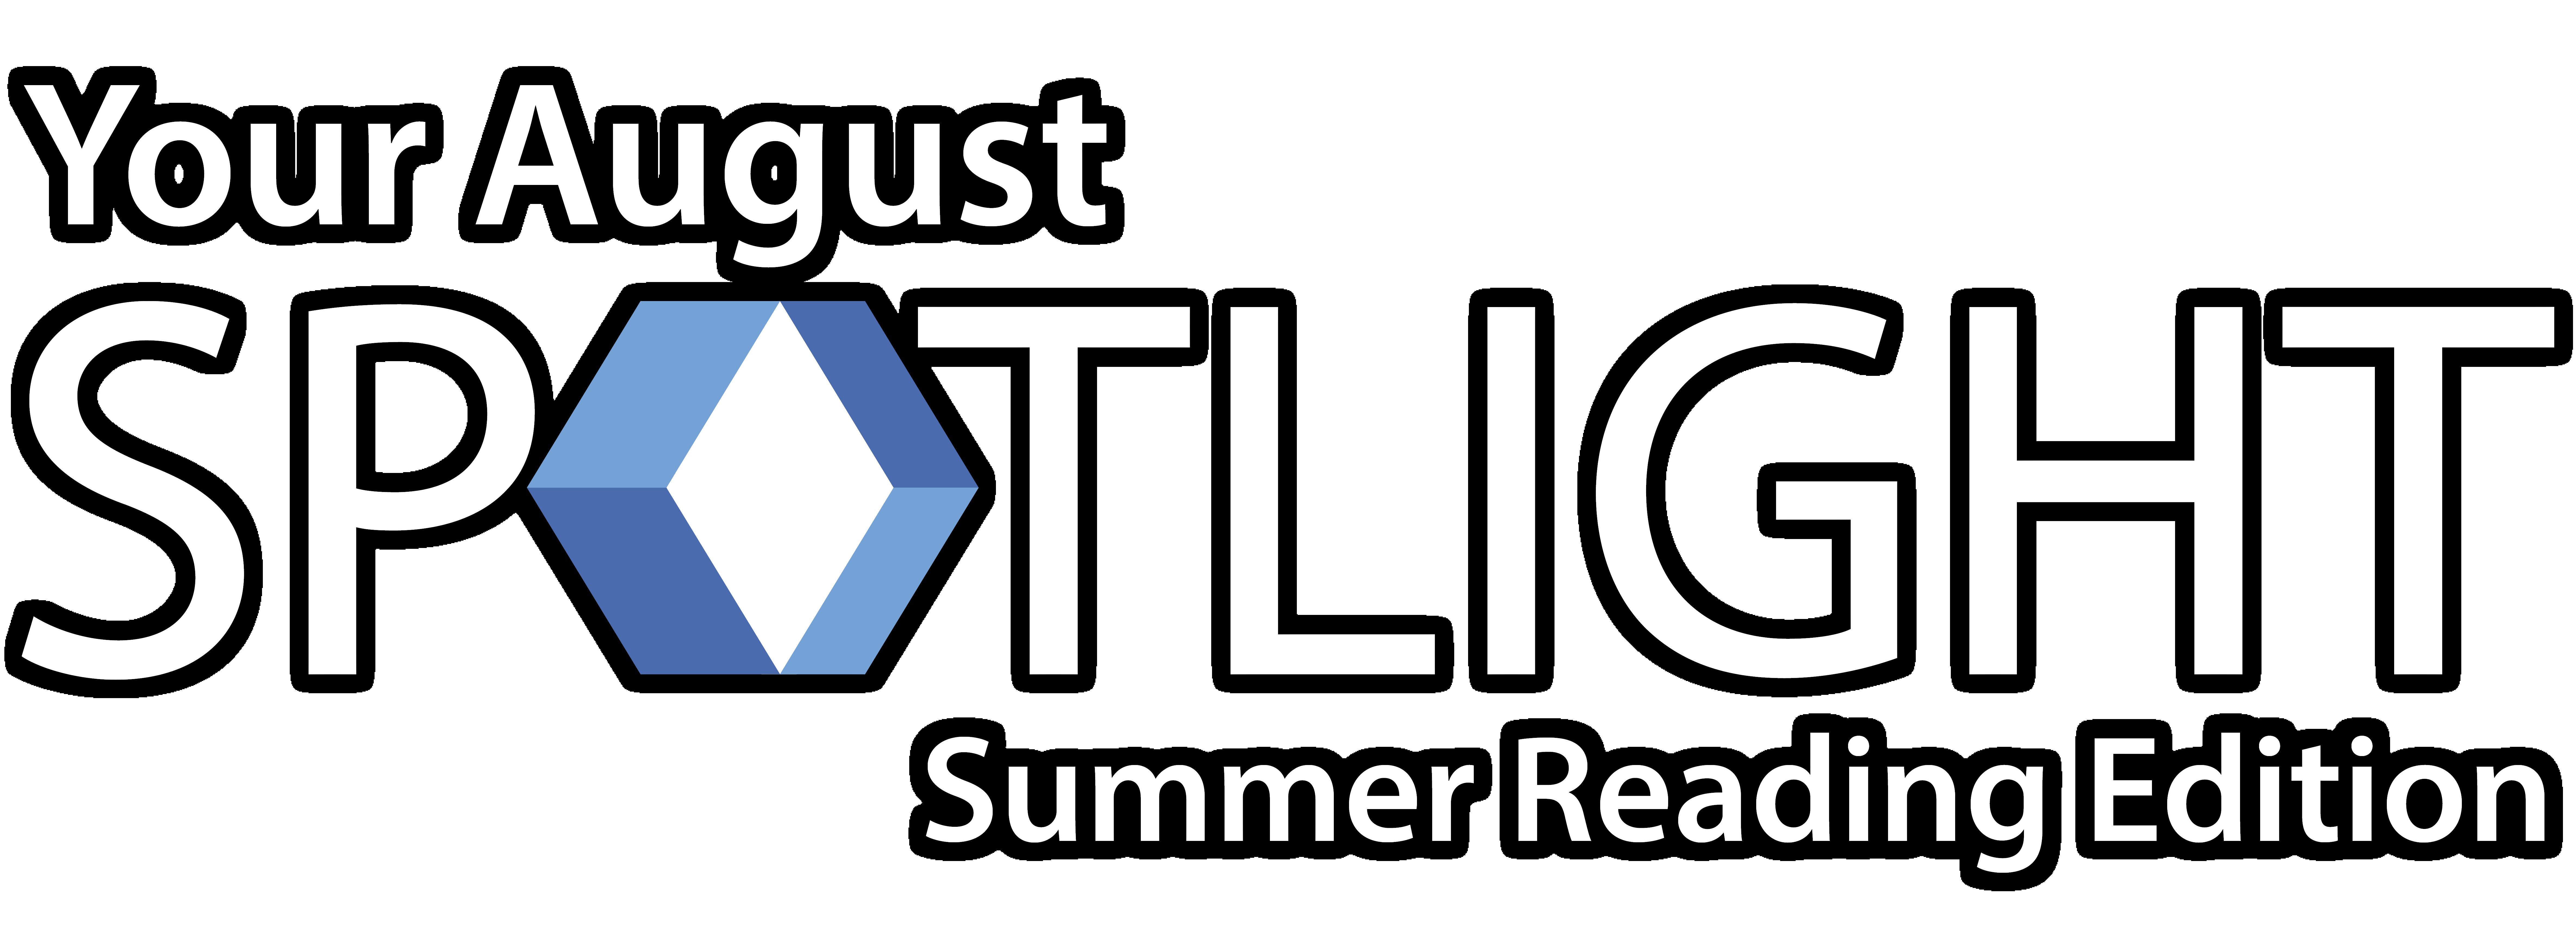 August spotlight email header text (summer reading edition)